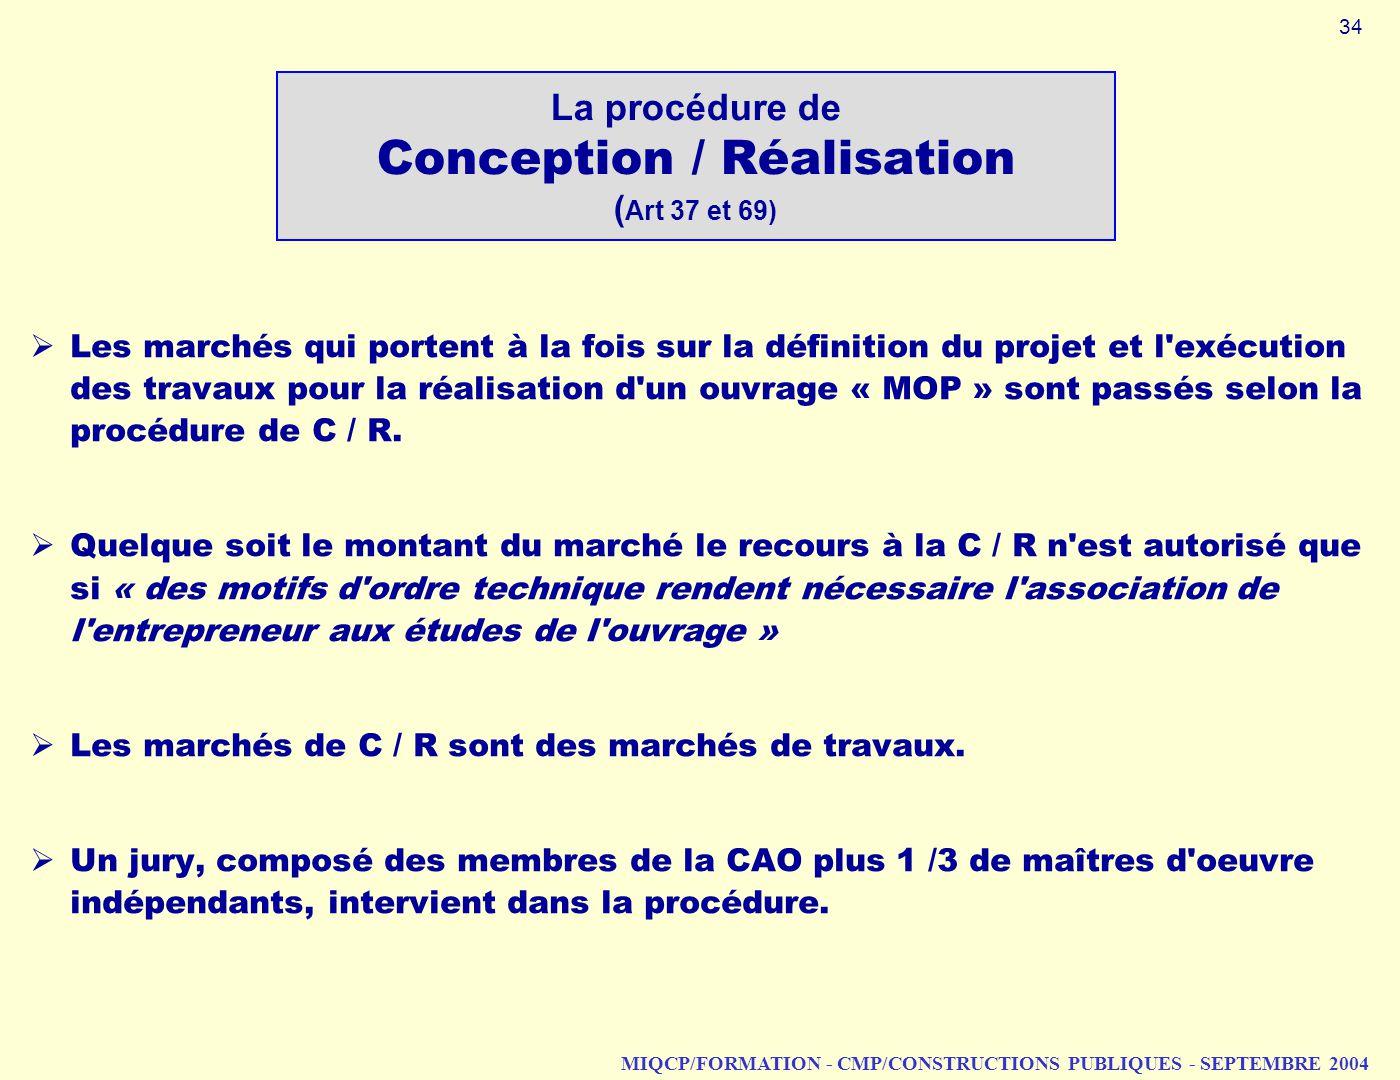 La procédure de Conception / Réalisation (Art 37 et 69)